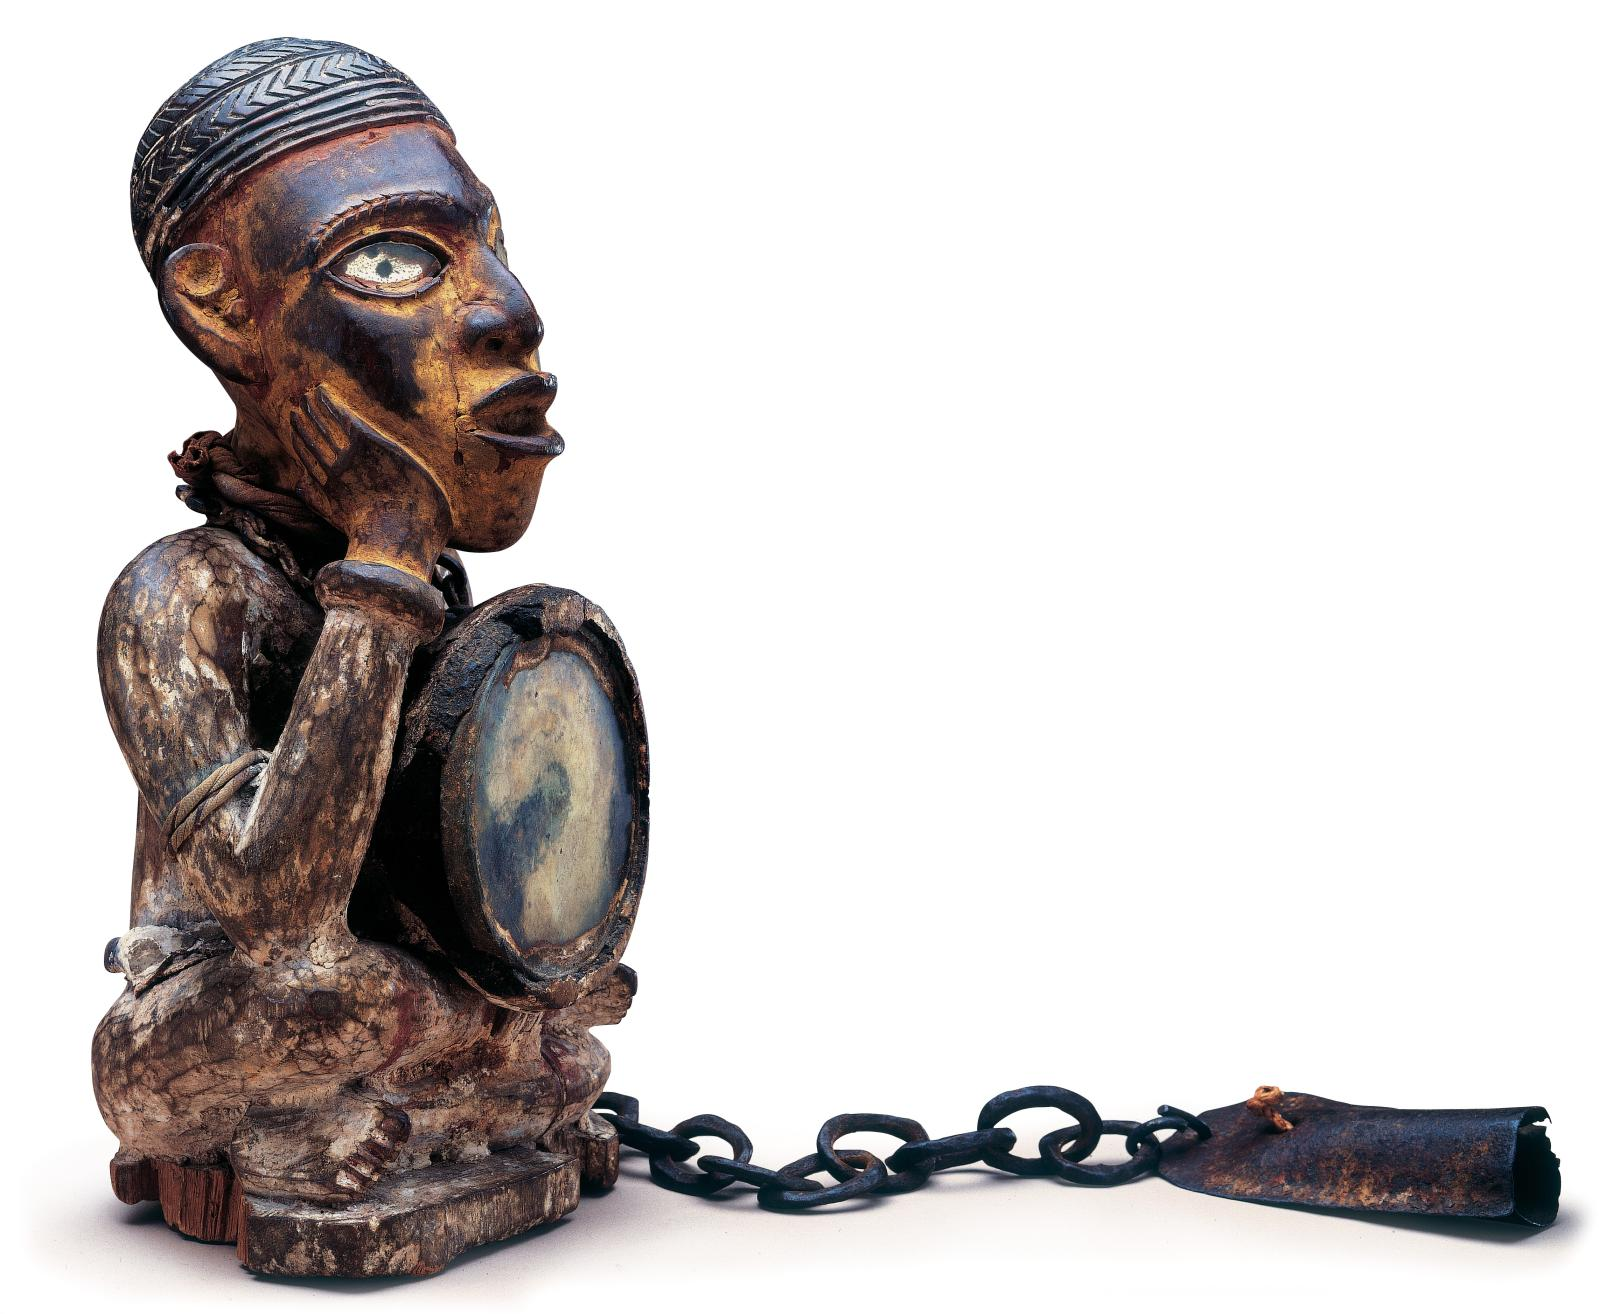 Kongo/Vili, République du Congo. Statuette en bois, miroir, fer et pigments, h.29cm, rapportée en 1908 du Congo (Brazzaville), Fondation Dapper, Par